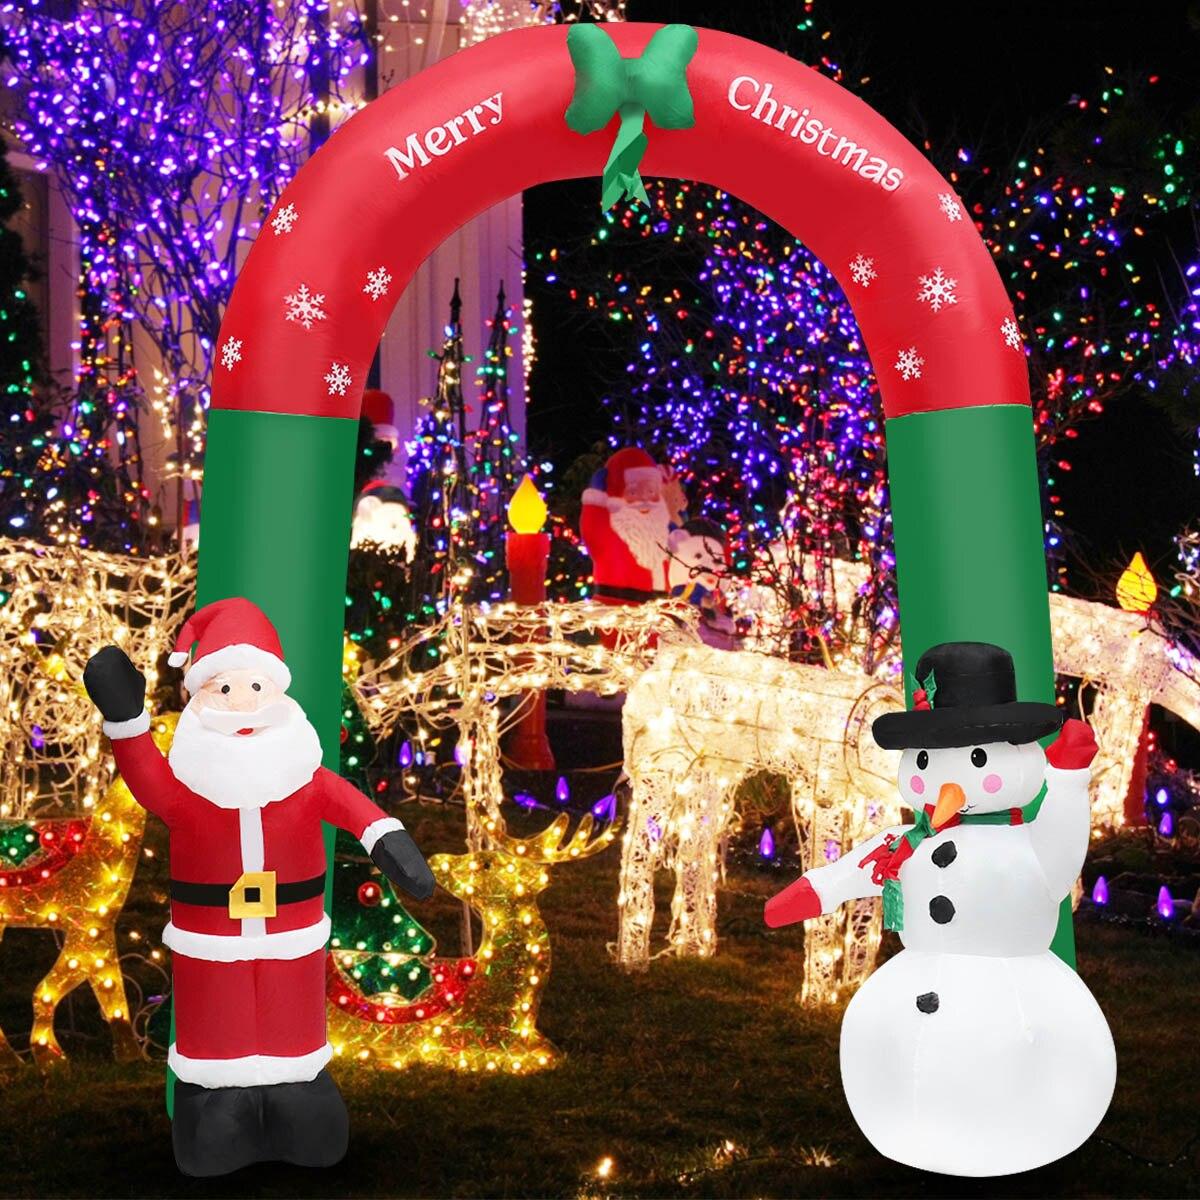 Arches de neige gonflables géantes 2.4 M jouet décoration de noël du père noël pour les hôtels souper marché lieux de divertissement vacances